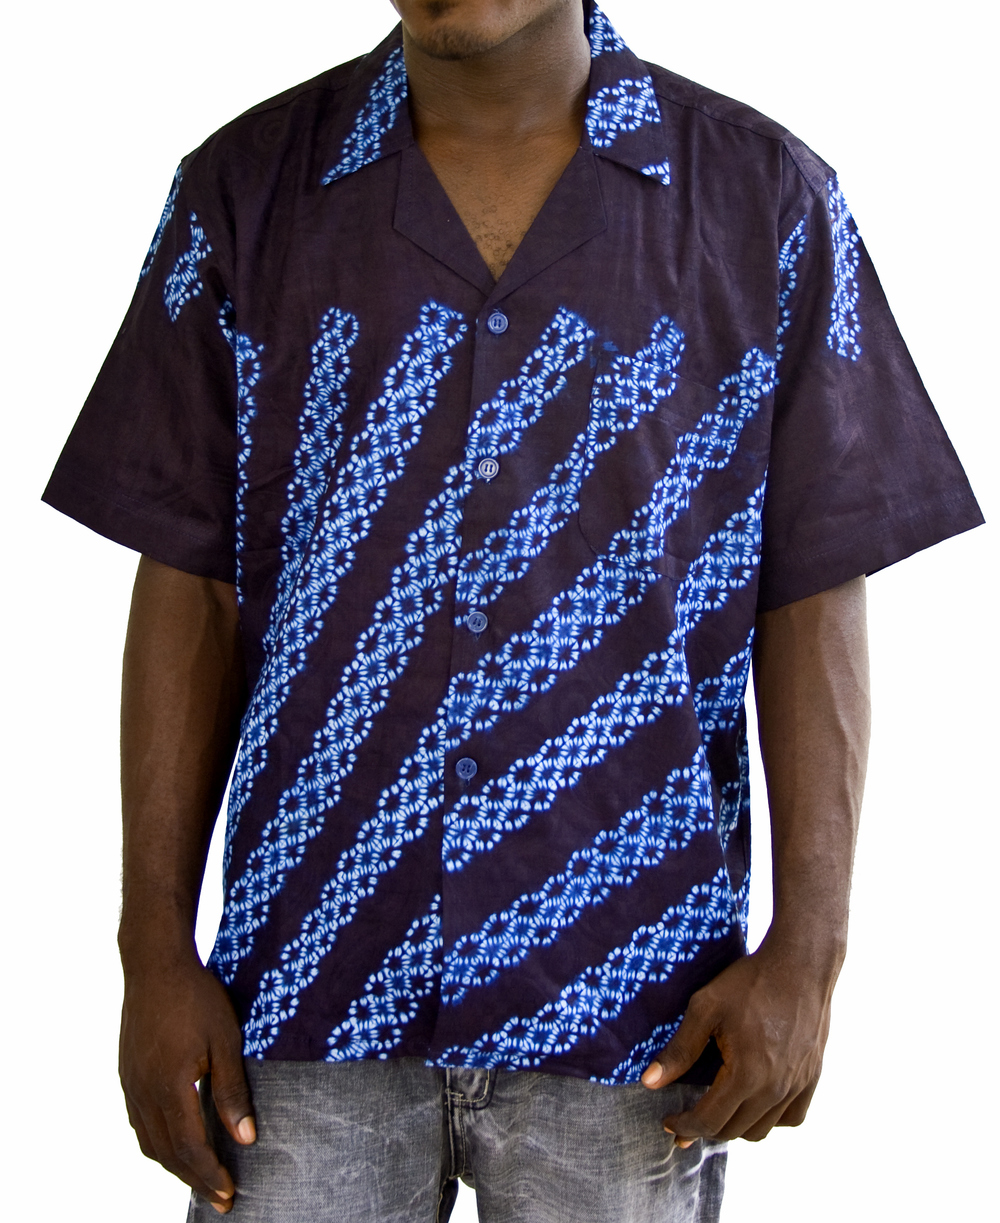 M-shirt-010.jpg